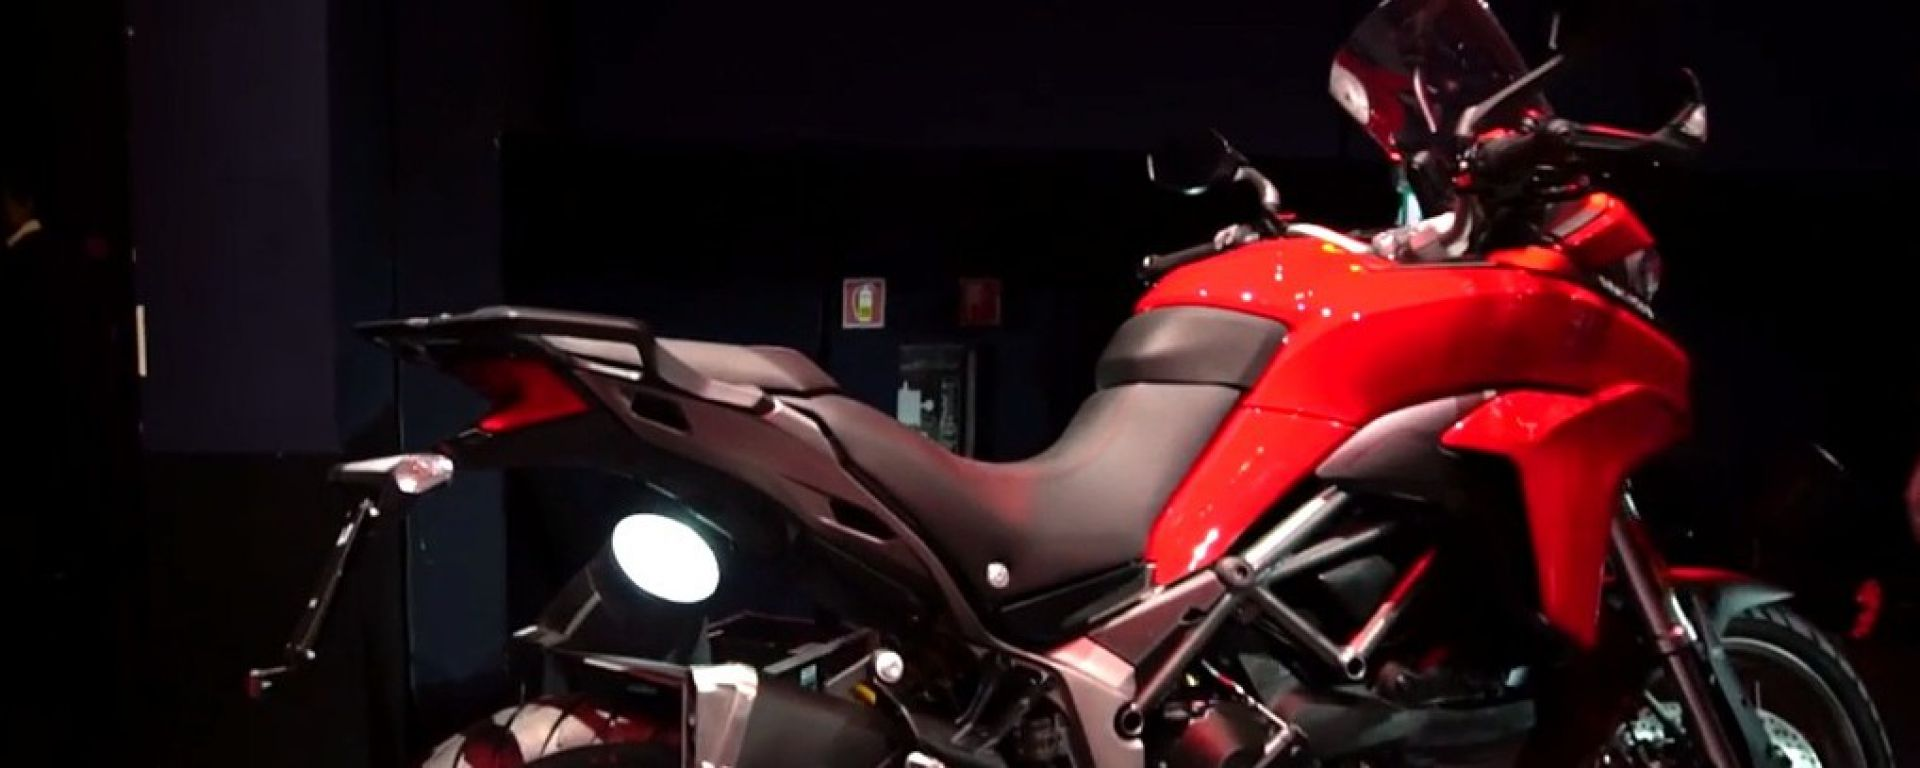 Live Eicma 2016: Ducati Multistrada 950 in video